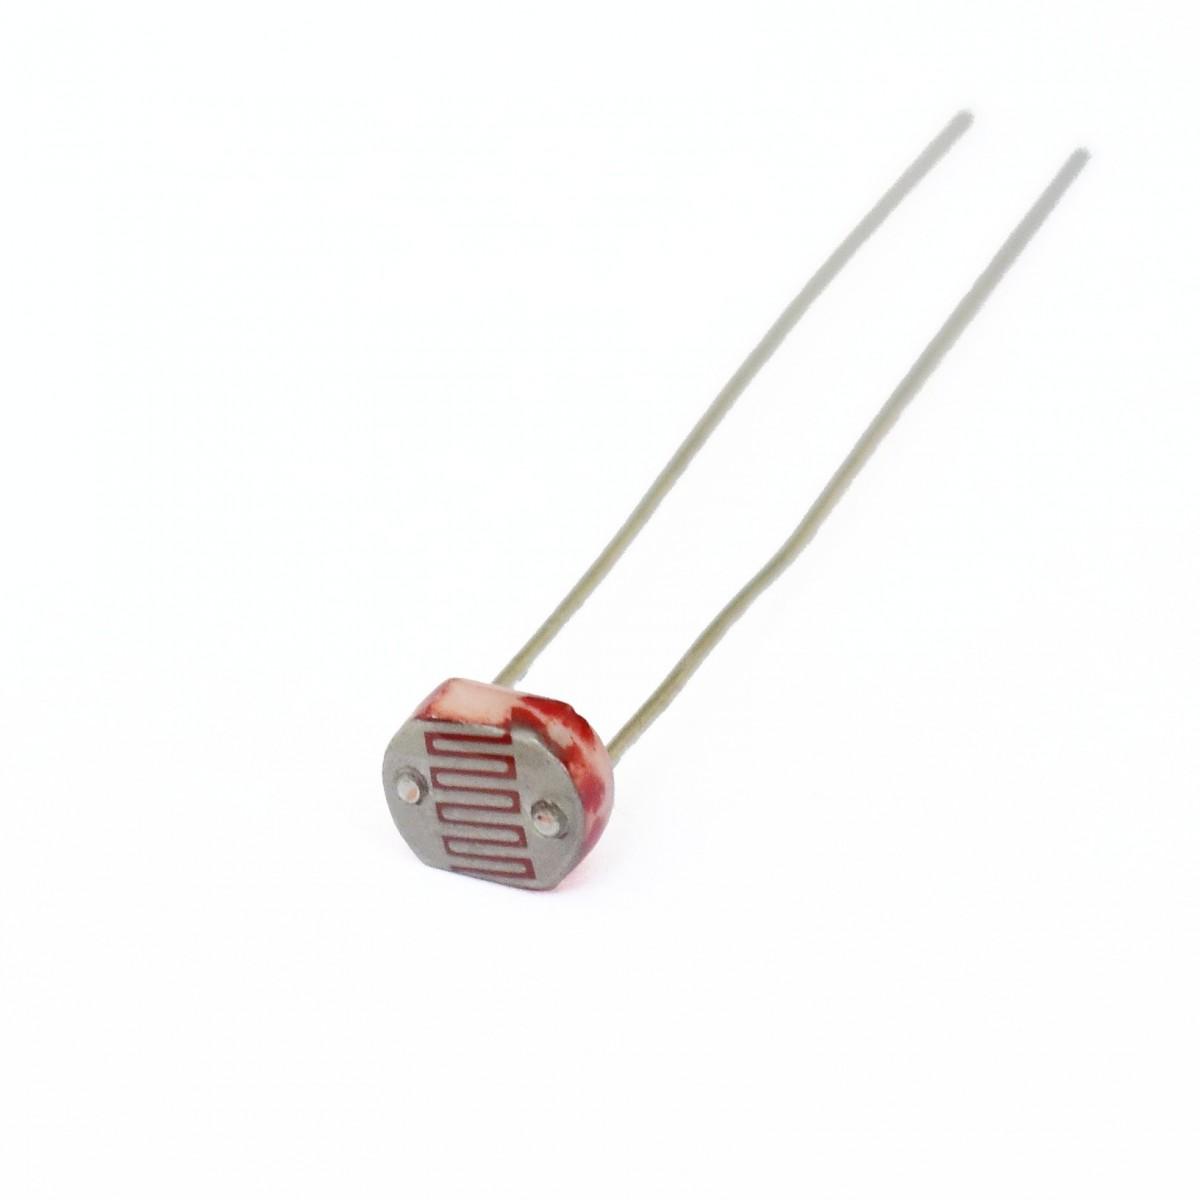 50 Unids Lote Ldr Resistor Fotosensible Fotoeléctrico Fotorresistencia 5528 Gl5528 5537 5506 5516 5539 5549 Para Arduino